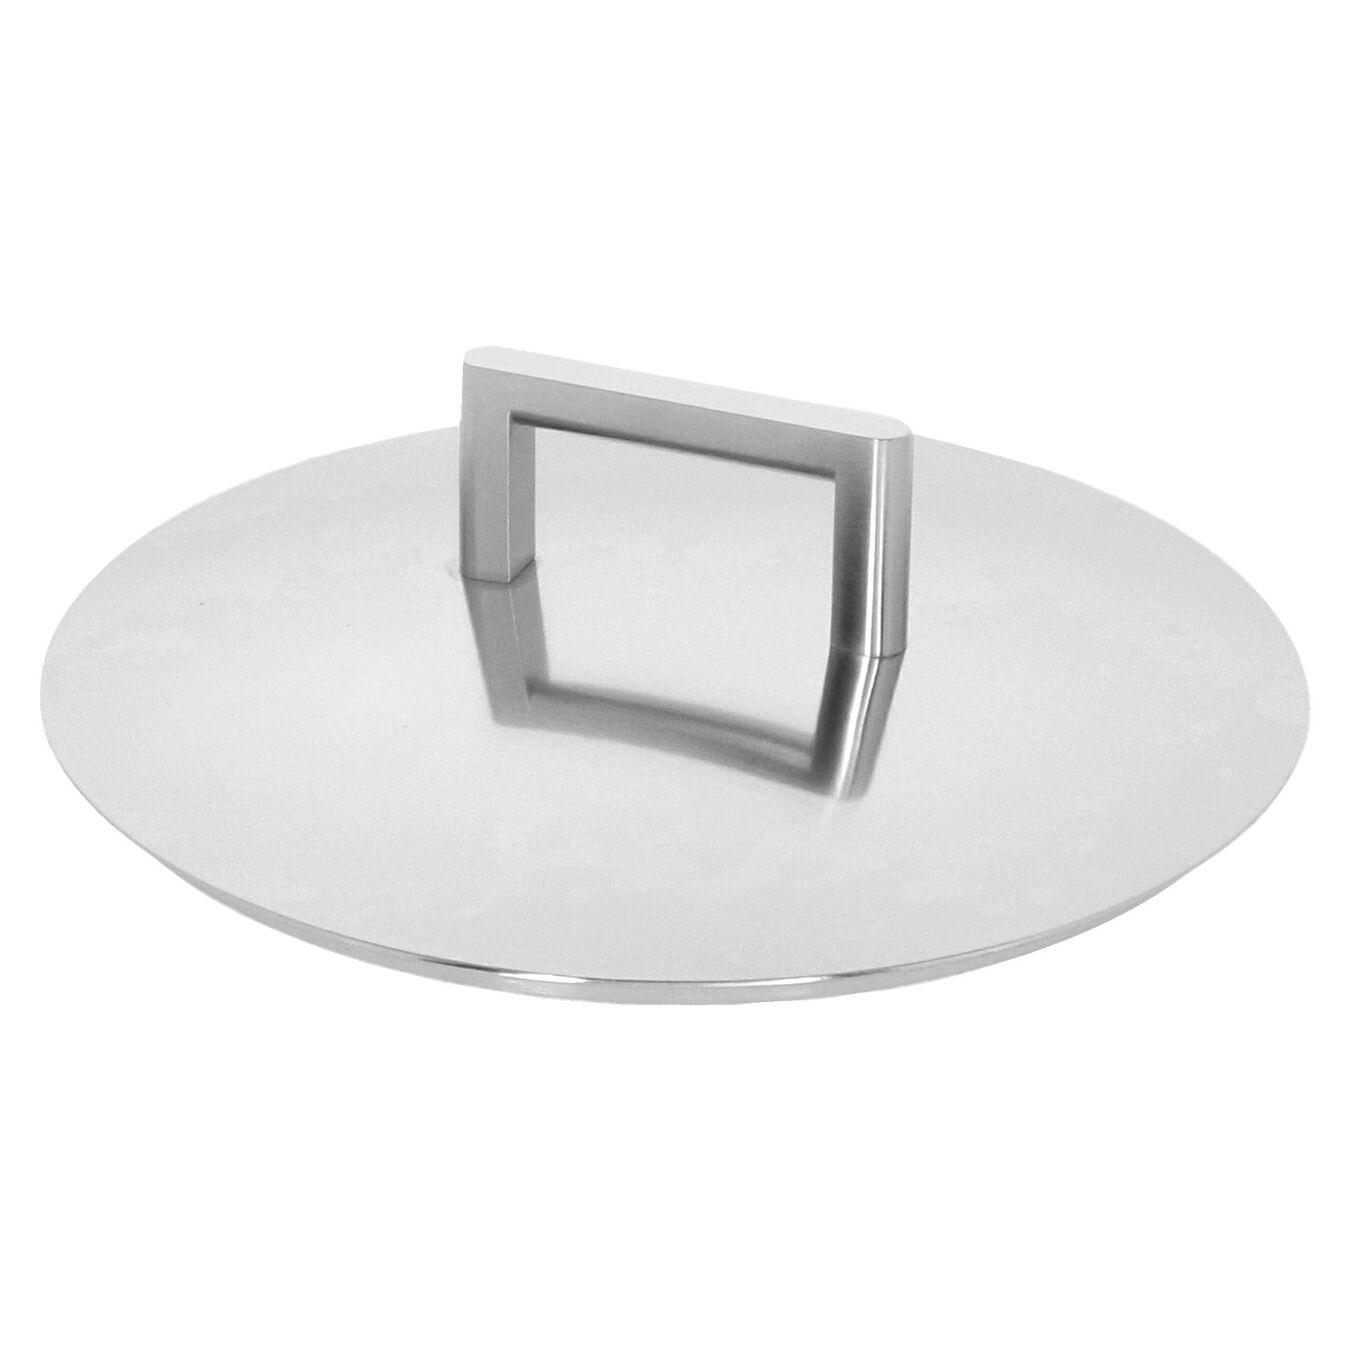 Derin Tencere çift çıdarlı kapak   18/10 Paslanmaz Çelik   20 cm,,large 2